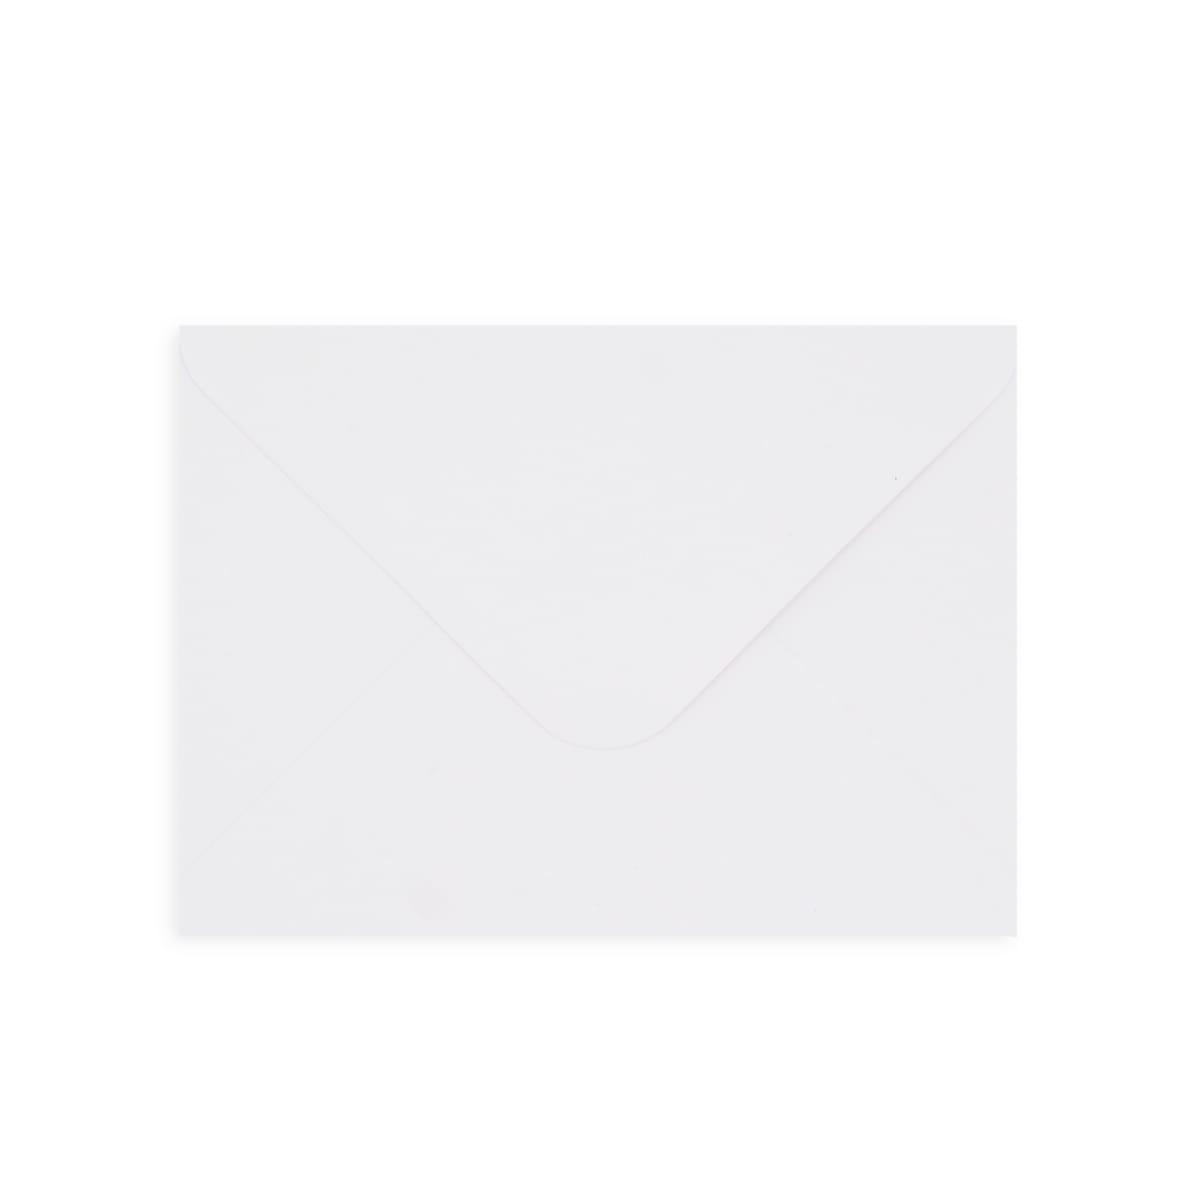 WHITE 130GSM 125 x 175 mm ENVELOPES (i6)